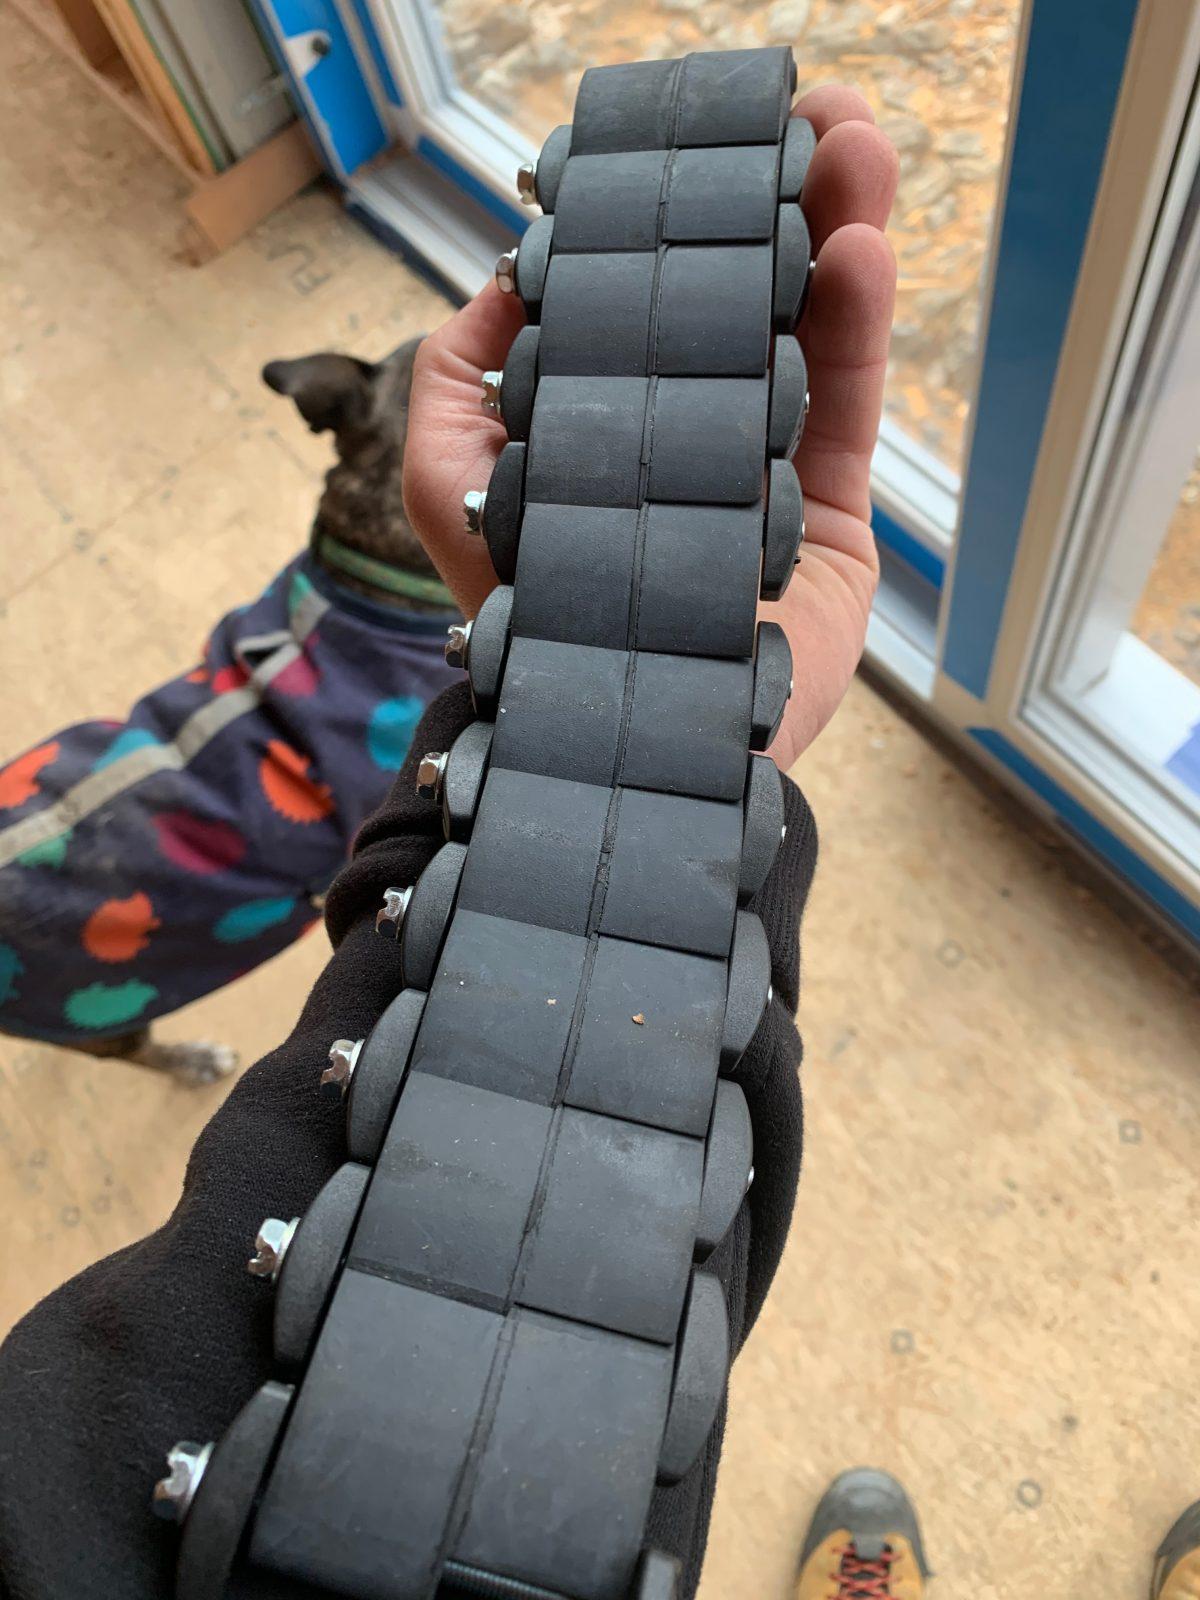 Black mechanical seals linked together